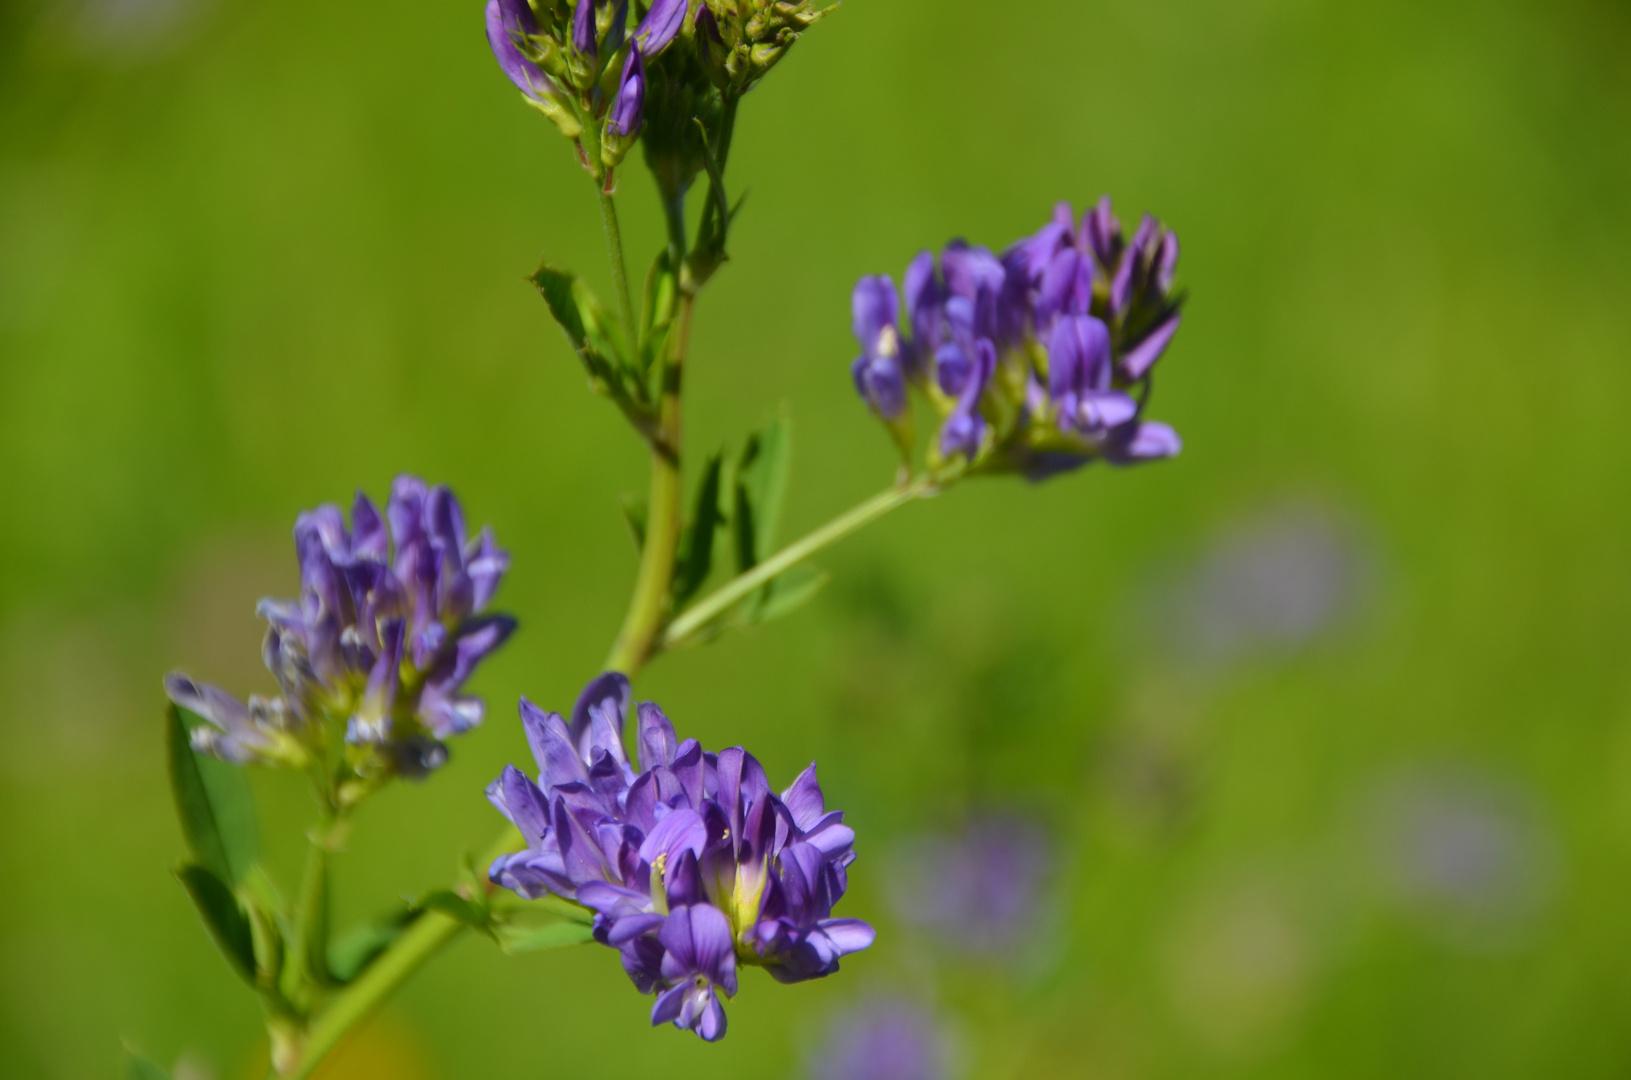 Violett auf Grün